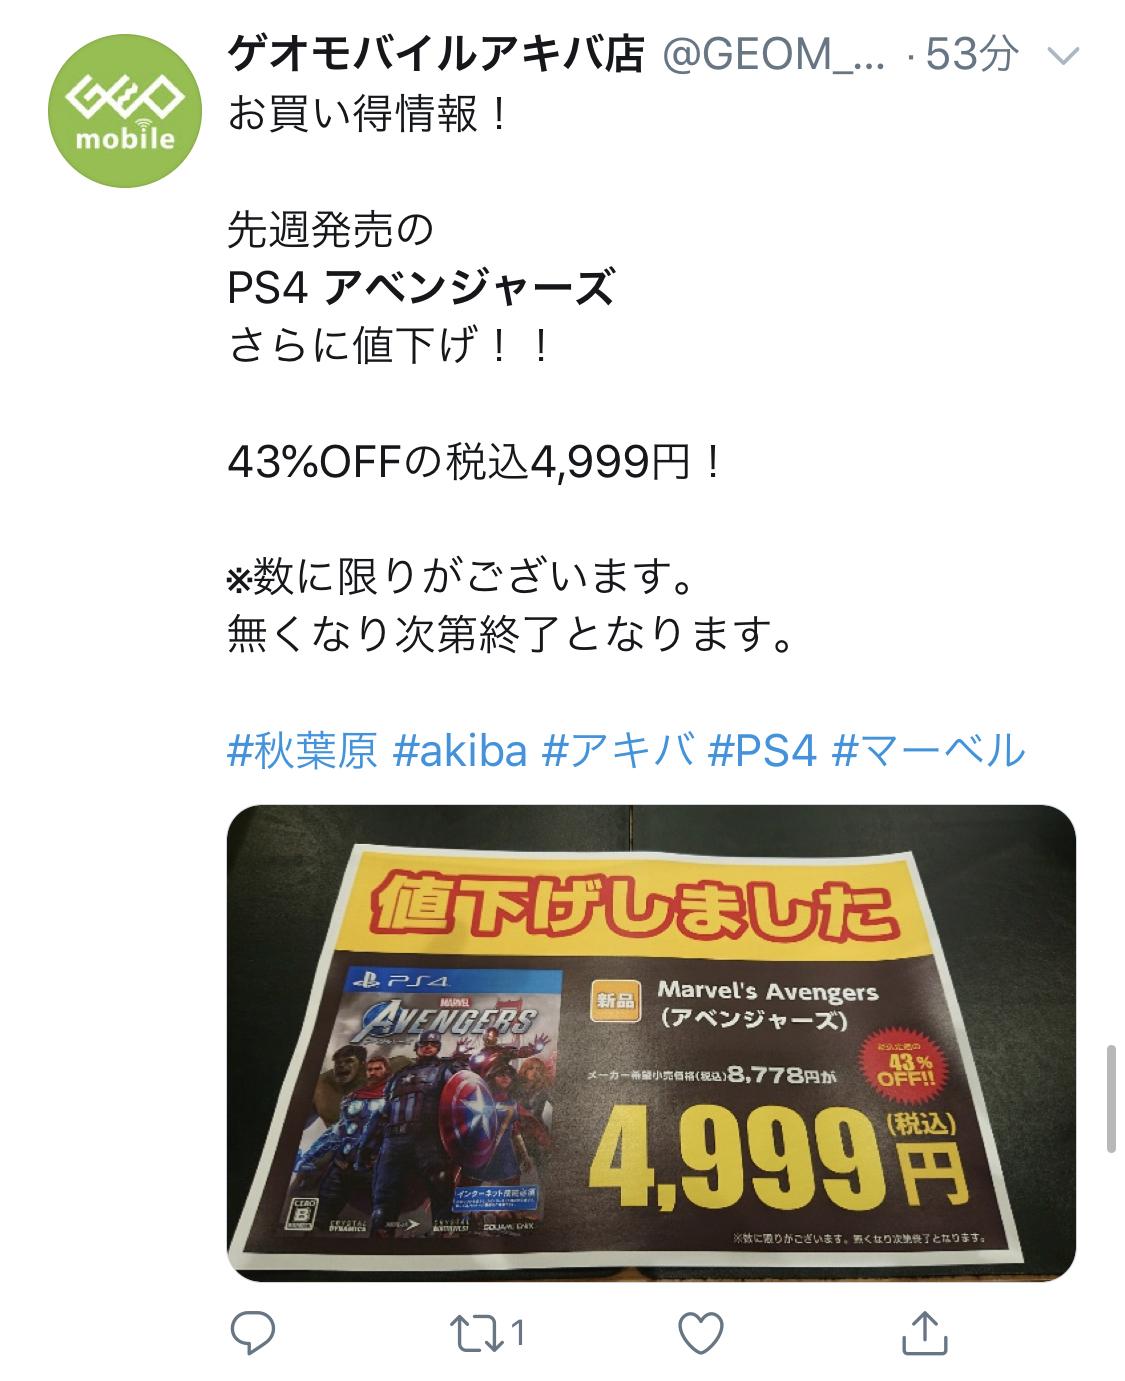 vb6vPOB - 【発売1週間】ゲオ「アベンジャーズ、更に値下げ!新品43%OFF!!」